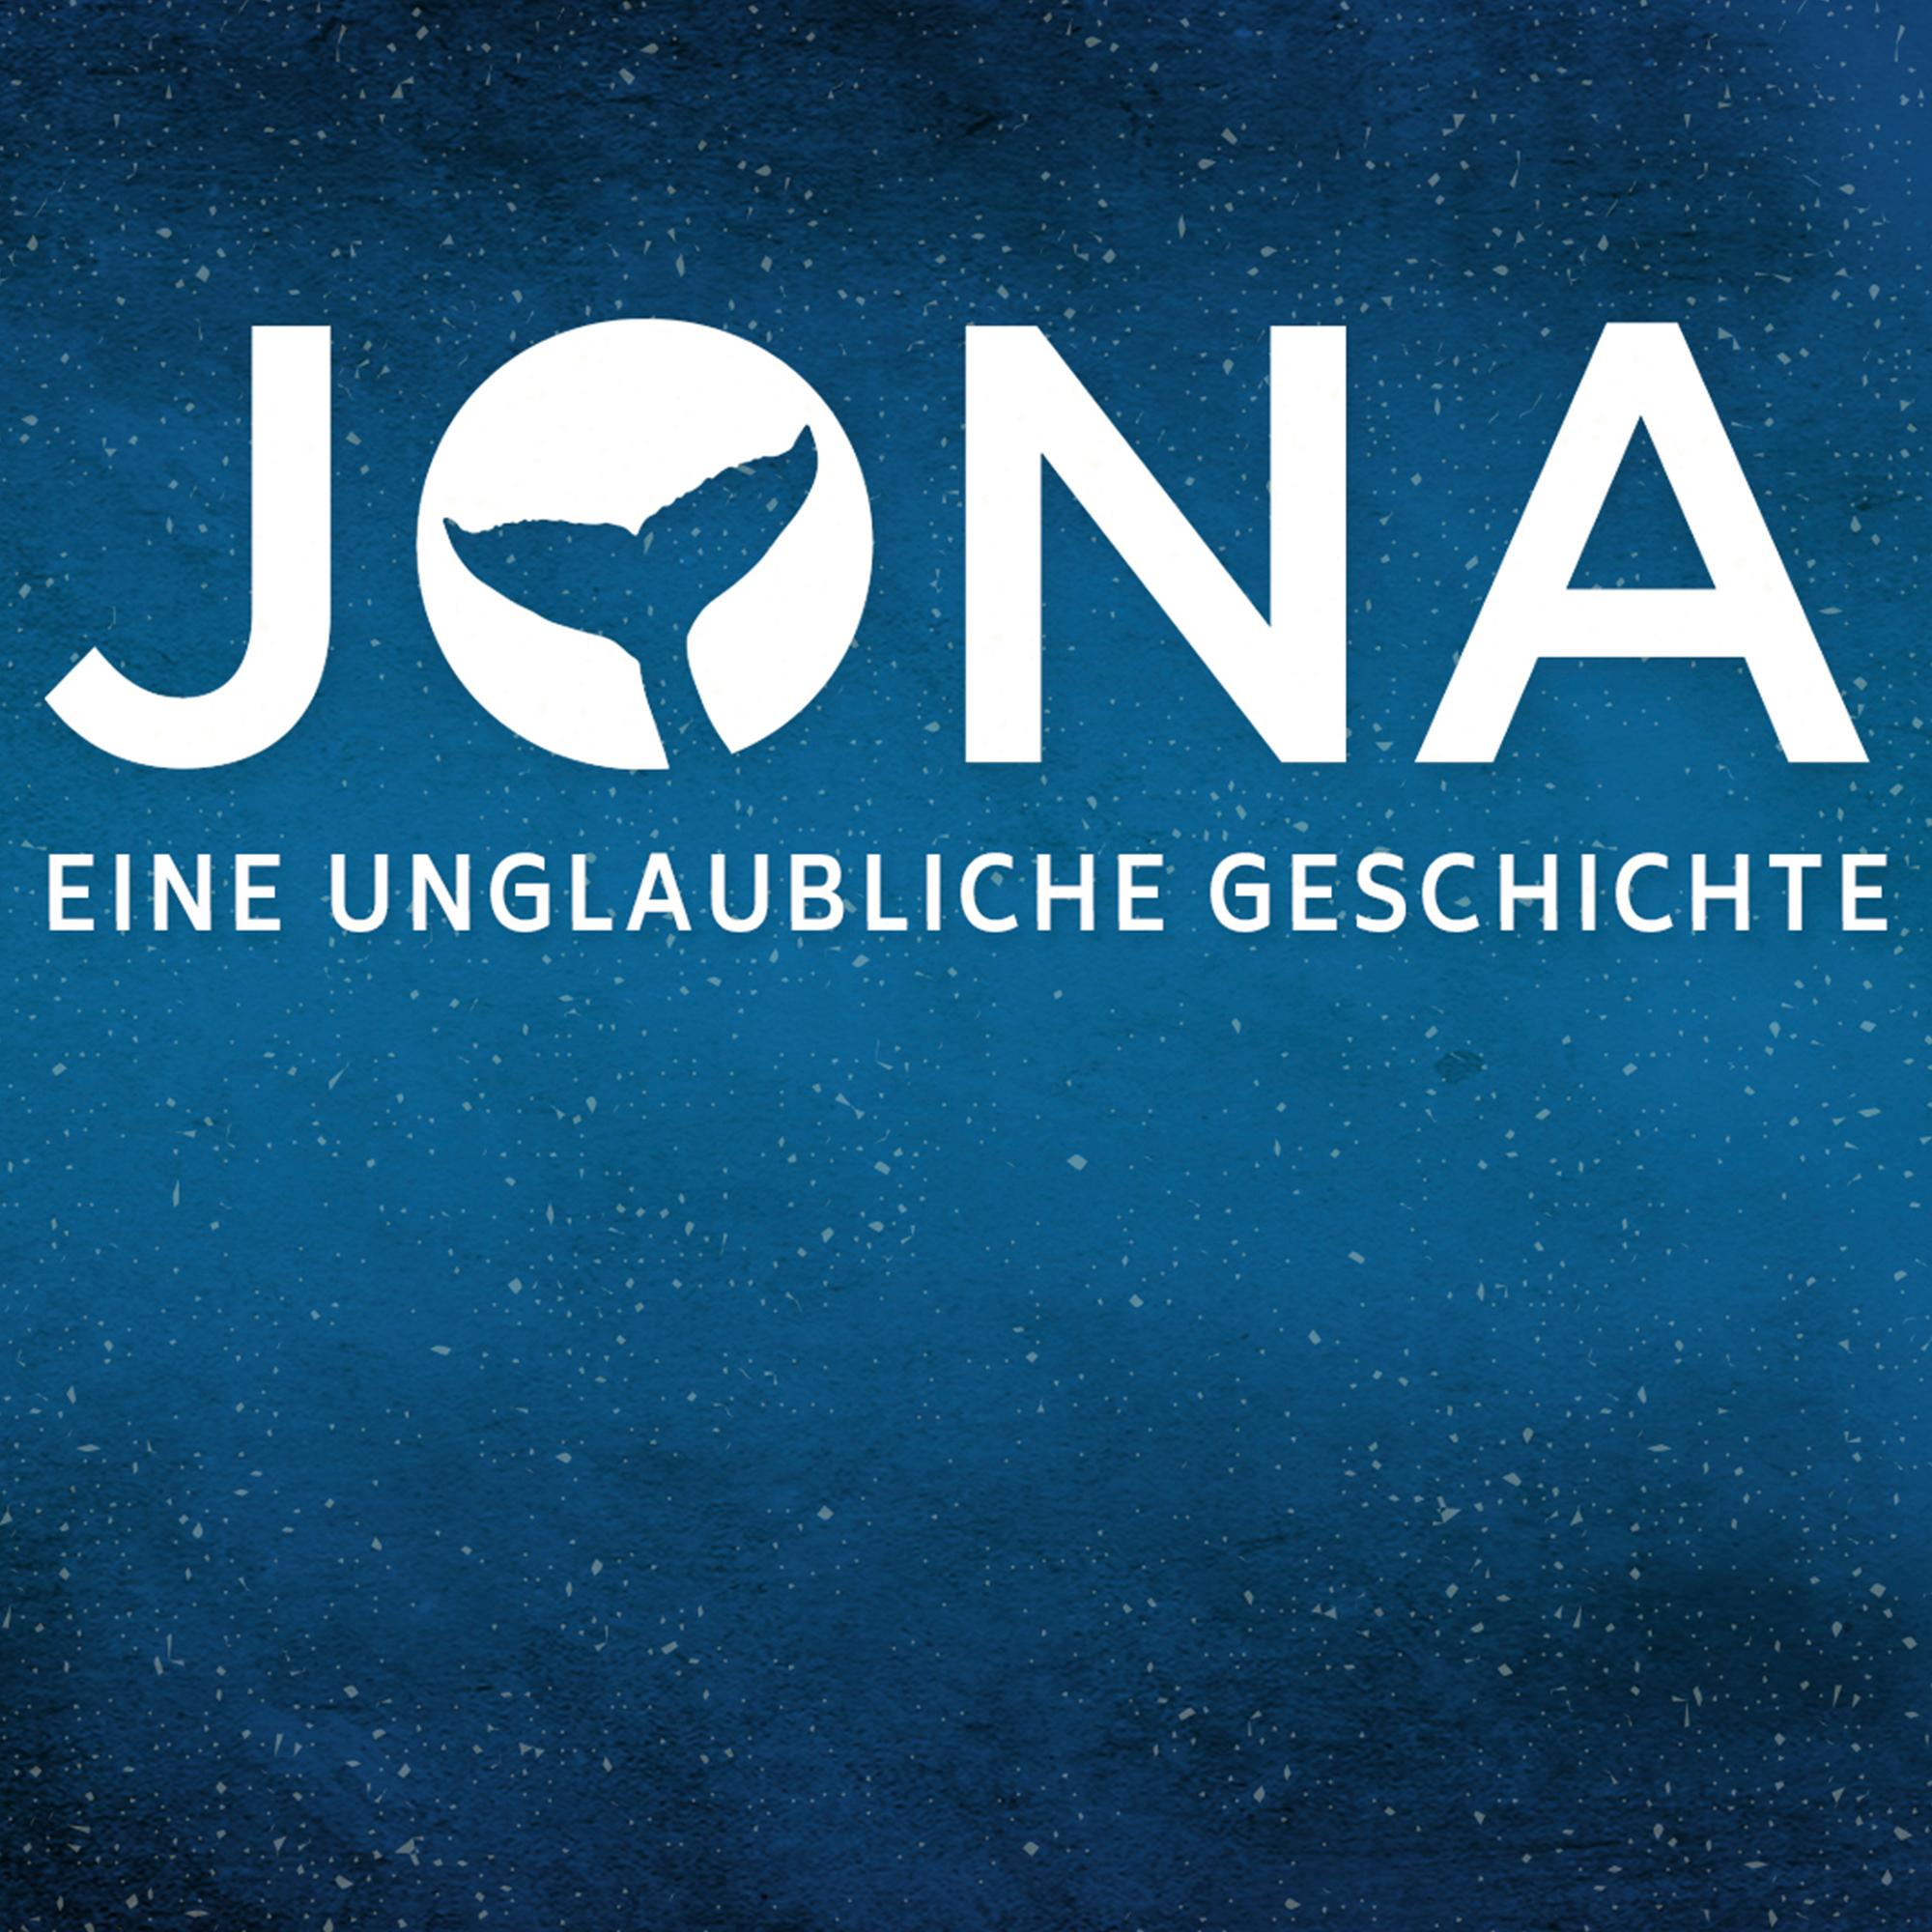 Jona. Eine unglaubliche Geschichte – Teil 4